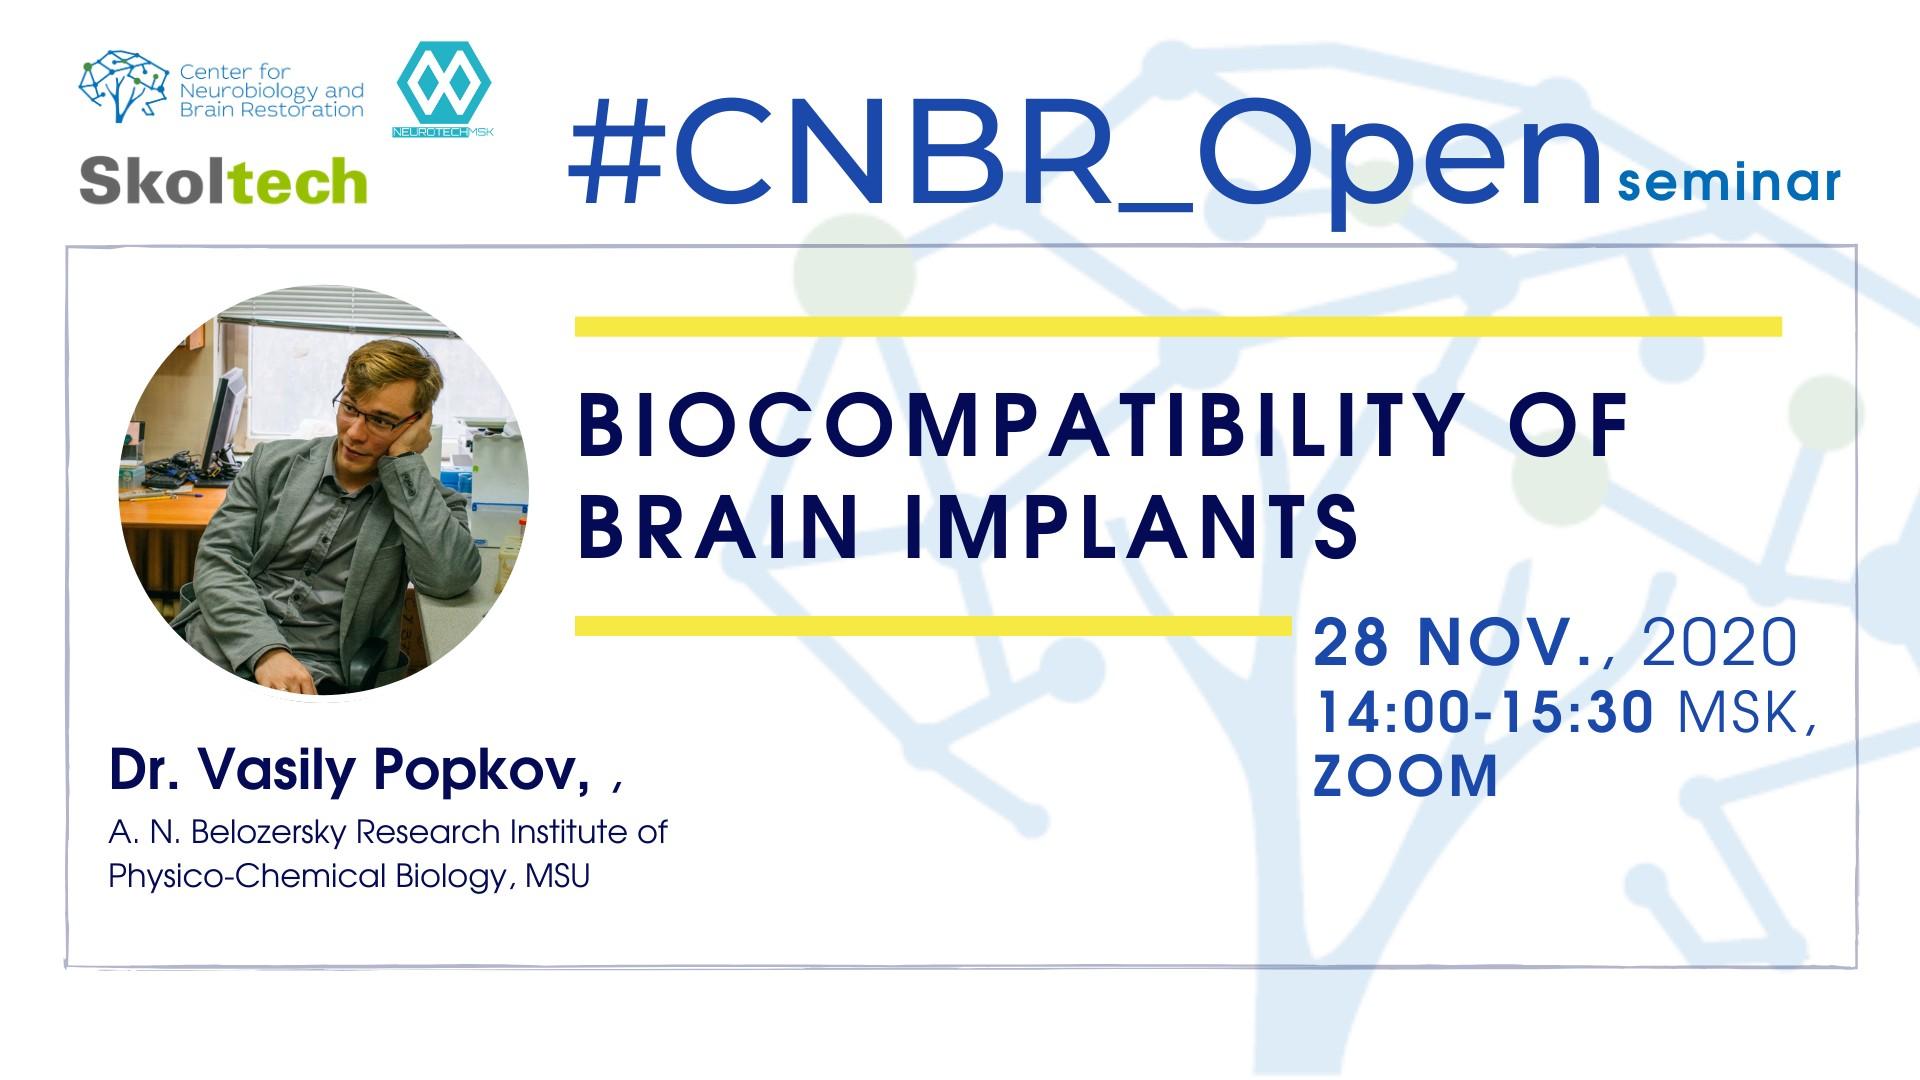 cnbr_open-seminar-vasily-popkov